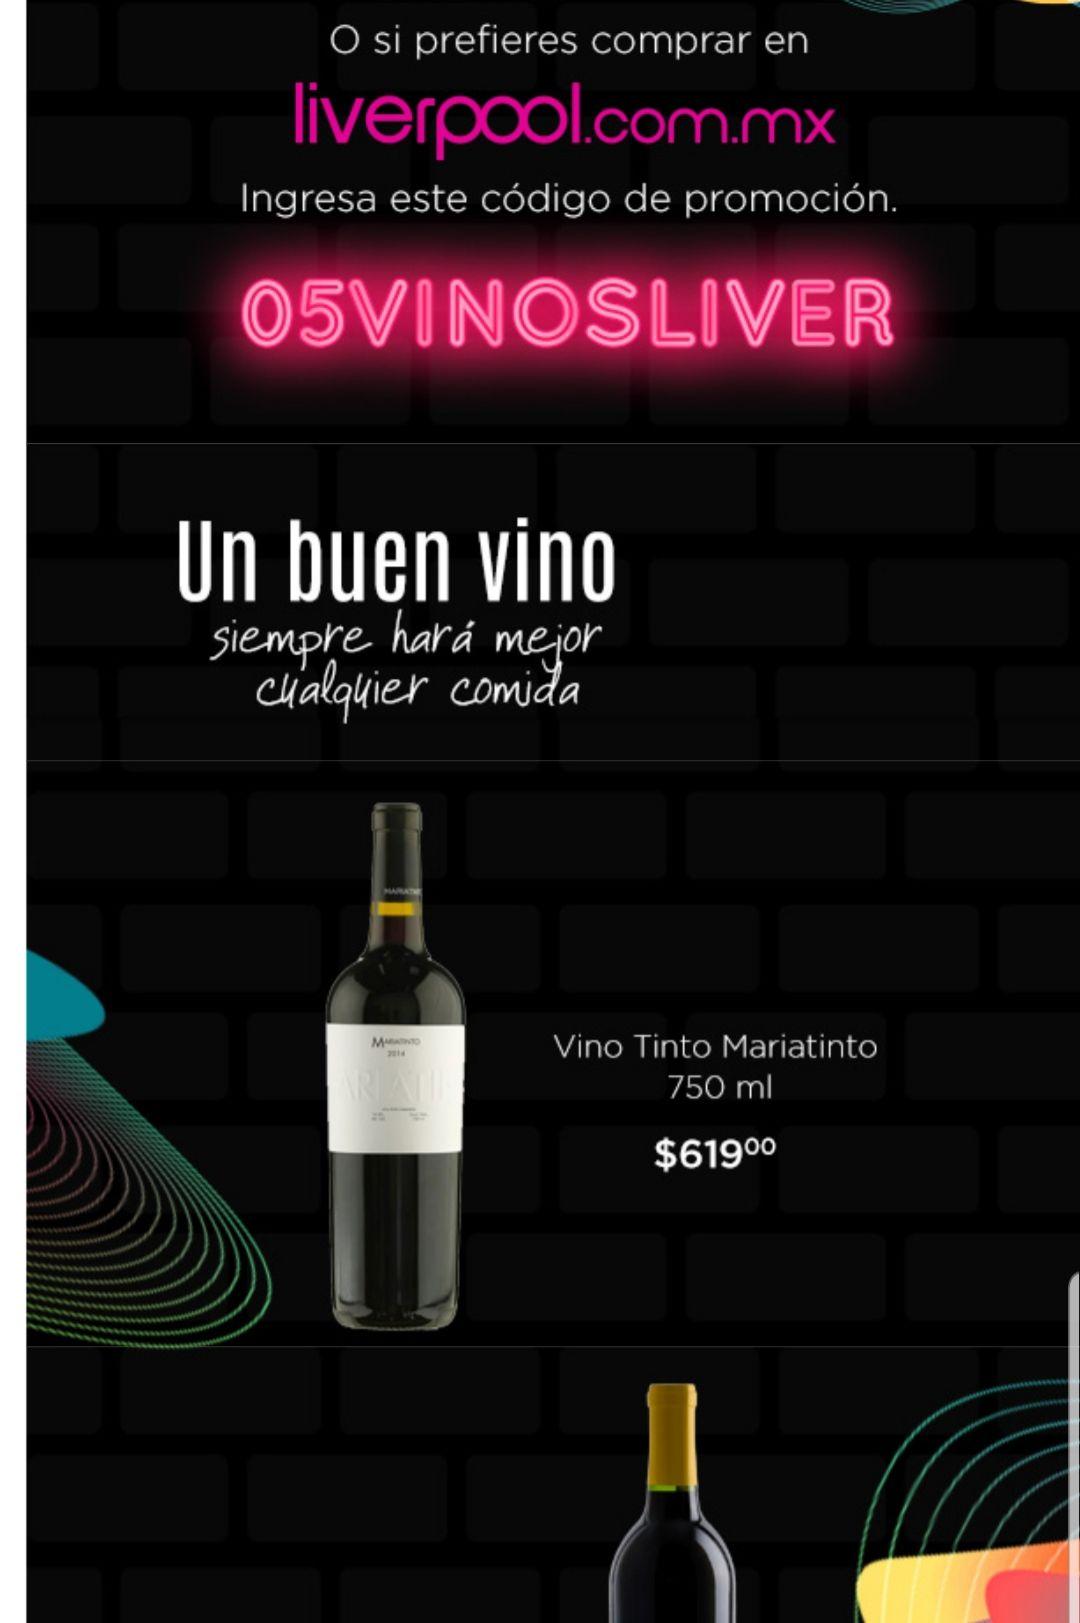 Liverpool en línea: Cupón de 15% de descuento en vinos